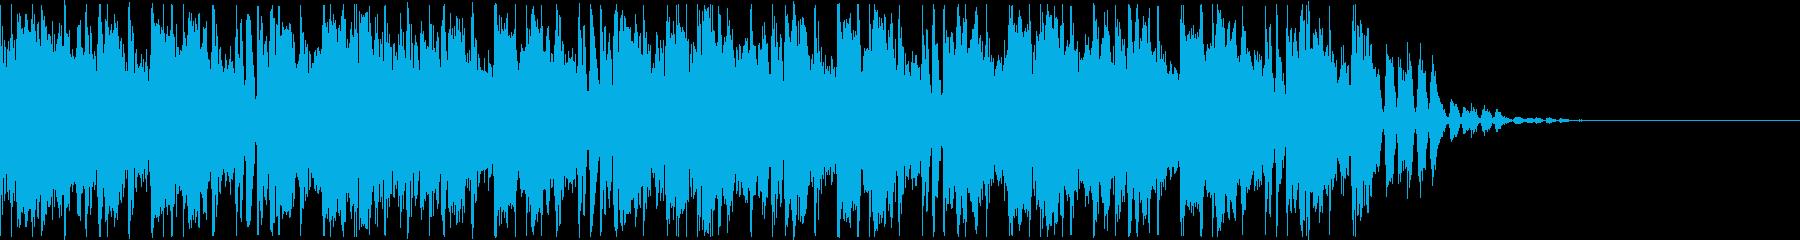 怪しい雰囲気のトランペットのジングルの再生済みの波形